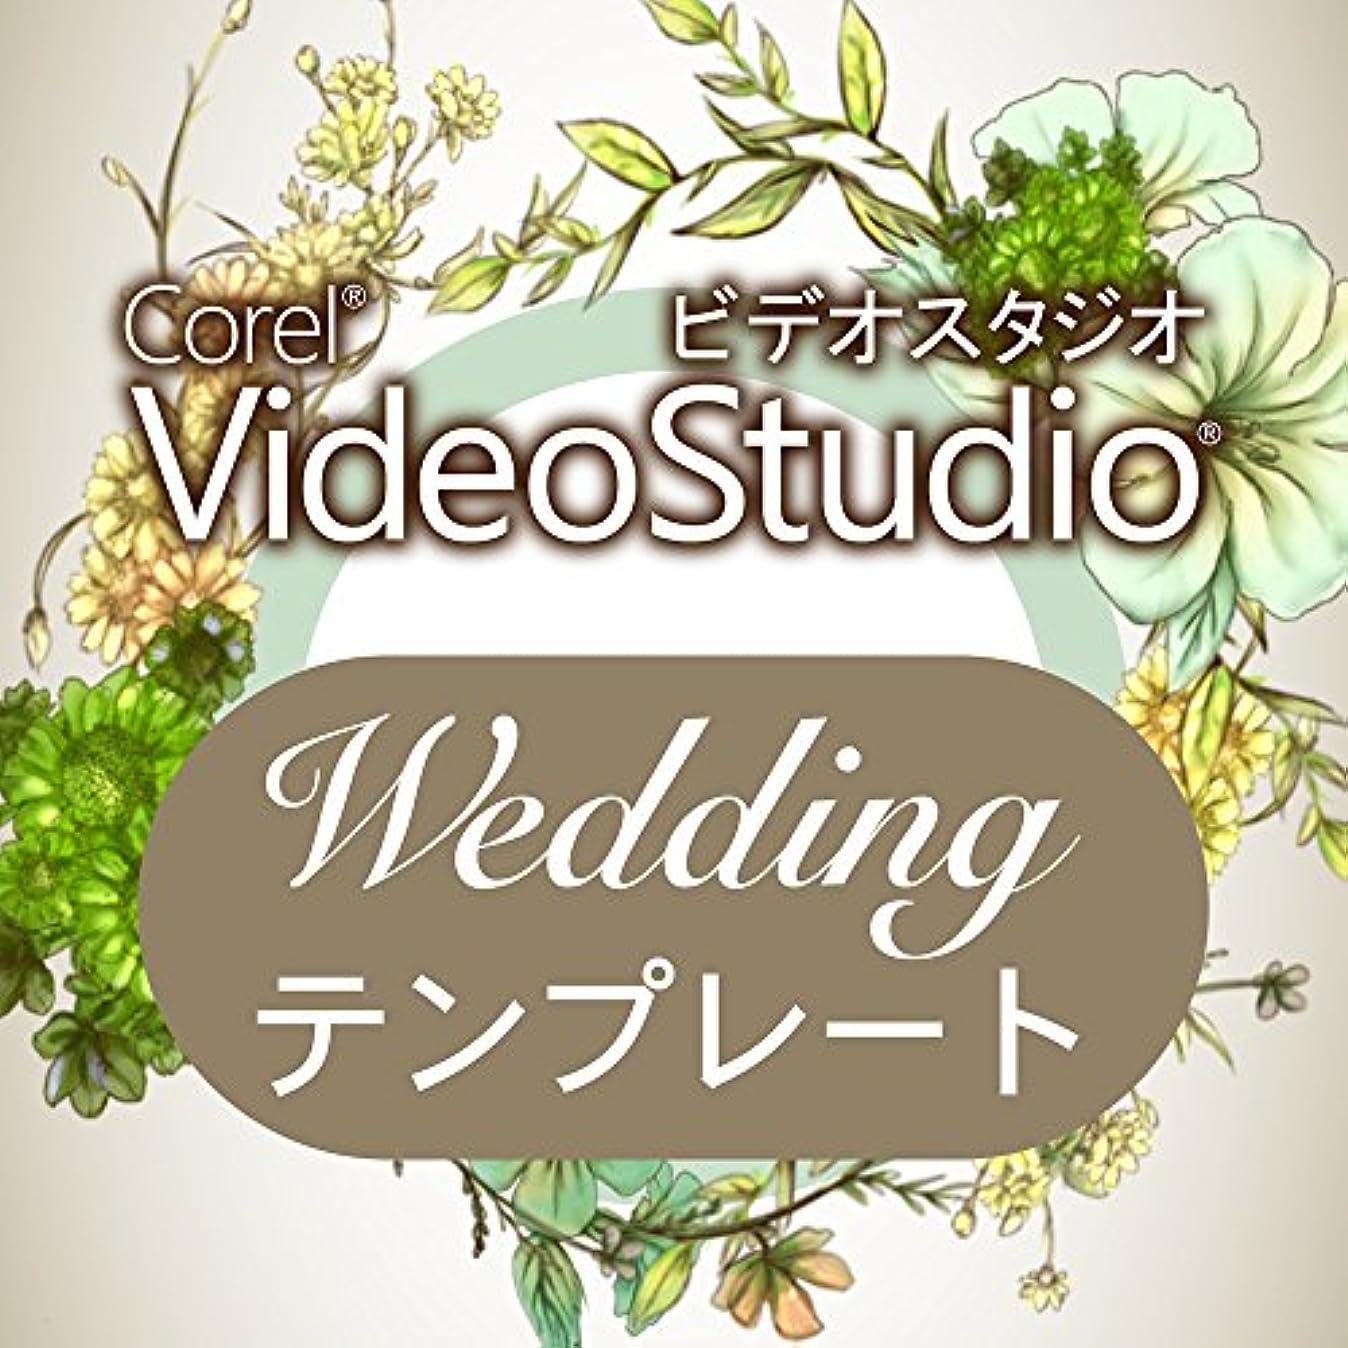 高尚なチャンピオンスクラッチCorel VideoStudio Wedding テンプレート|ダウンロード版